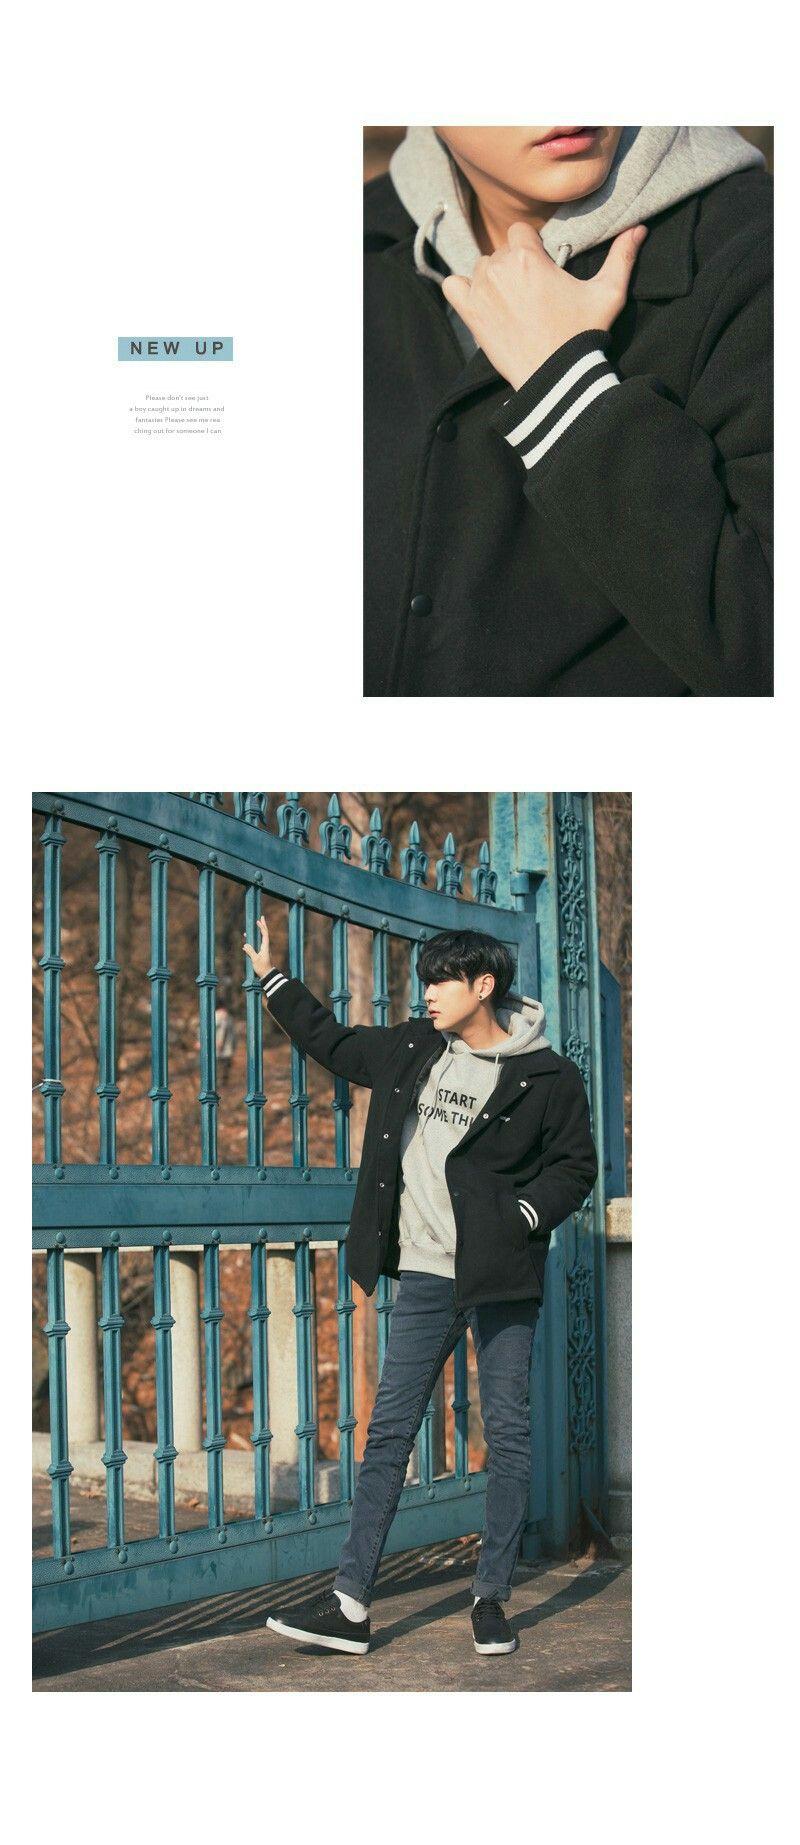 TYPE.B / BLACK 타입B 블랙(모직) / M 사이즈 / 형석피팅 Park hyung seok Cr. Aboki.net